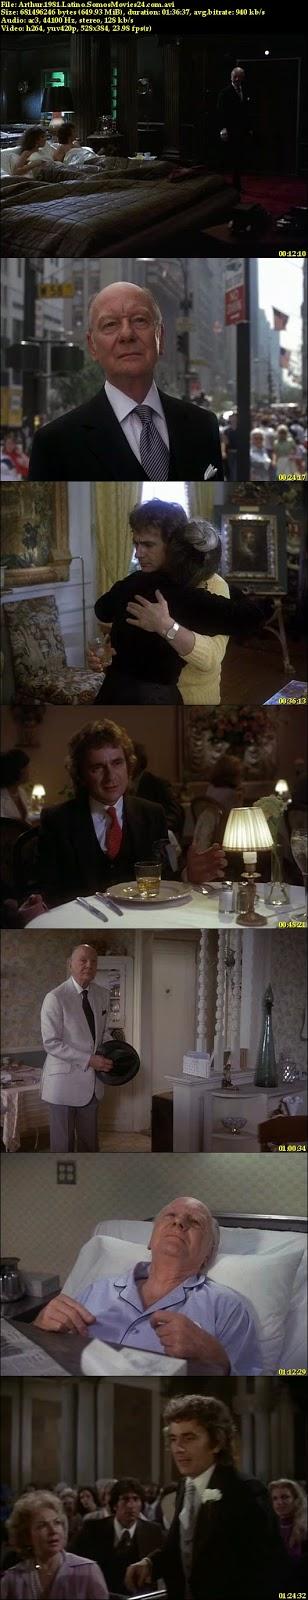 arturo el millonario seductor 1981 latino